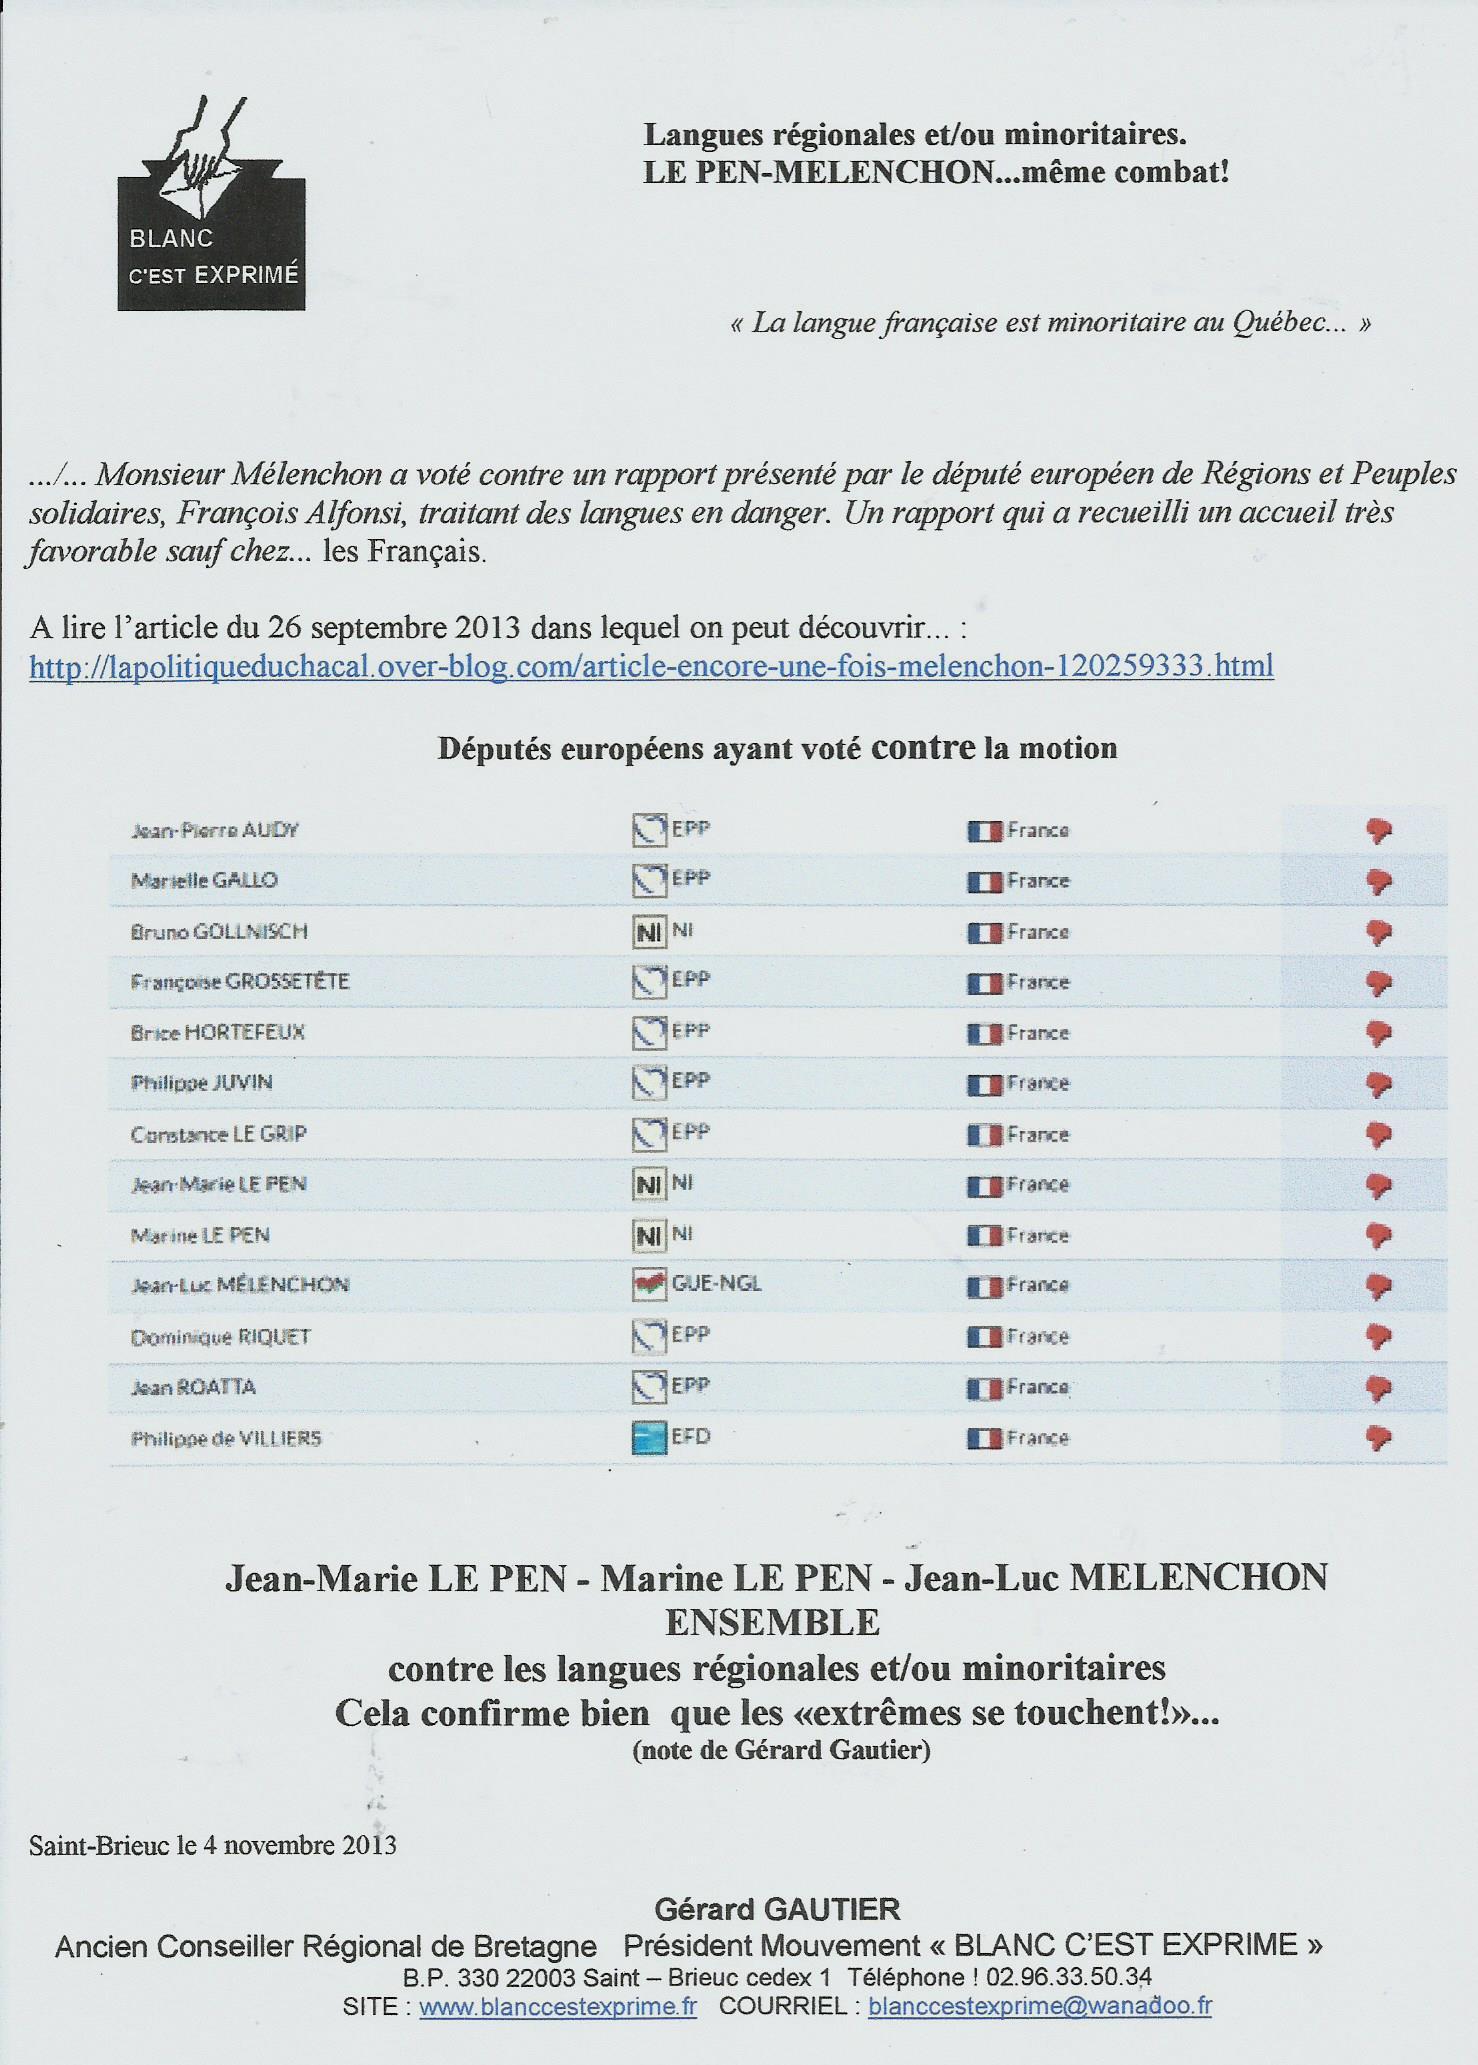 BCE LANGUES REGIONALES 2013 LE PEN MELENCHON